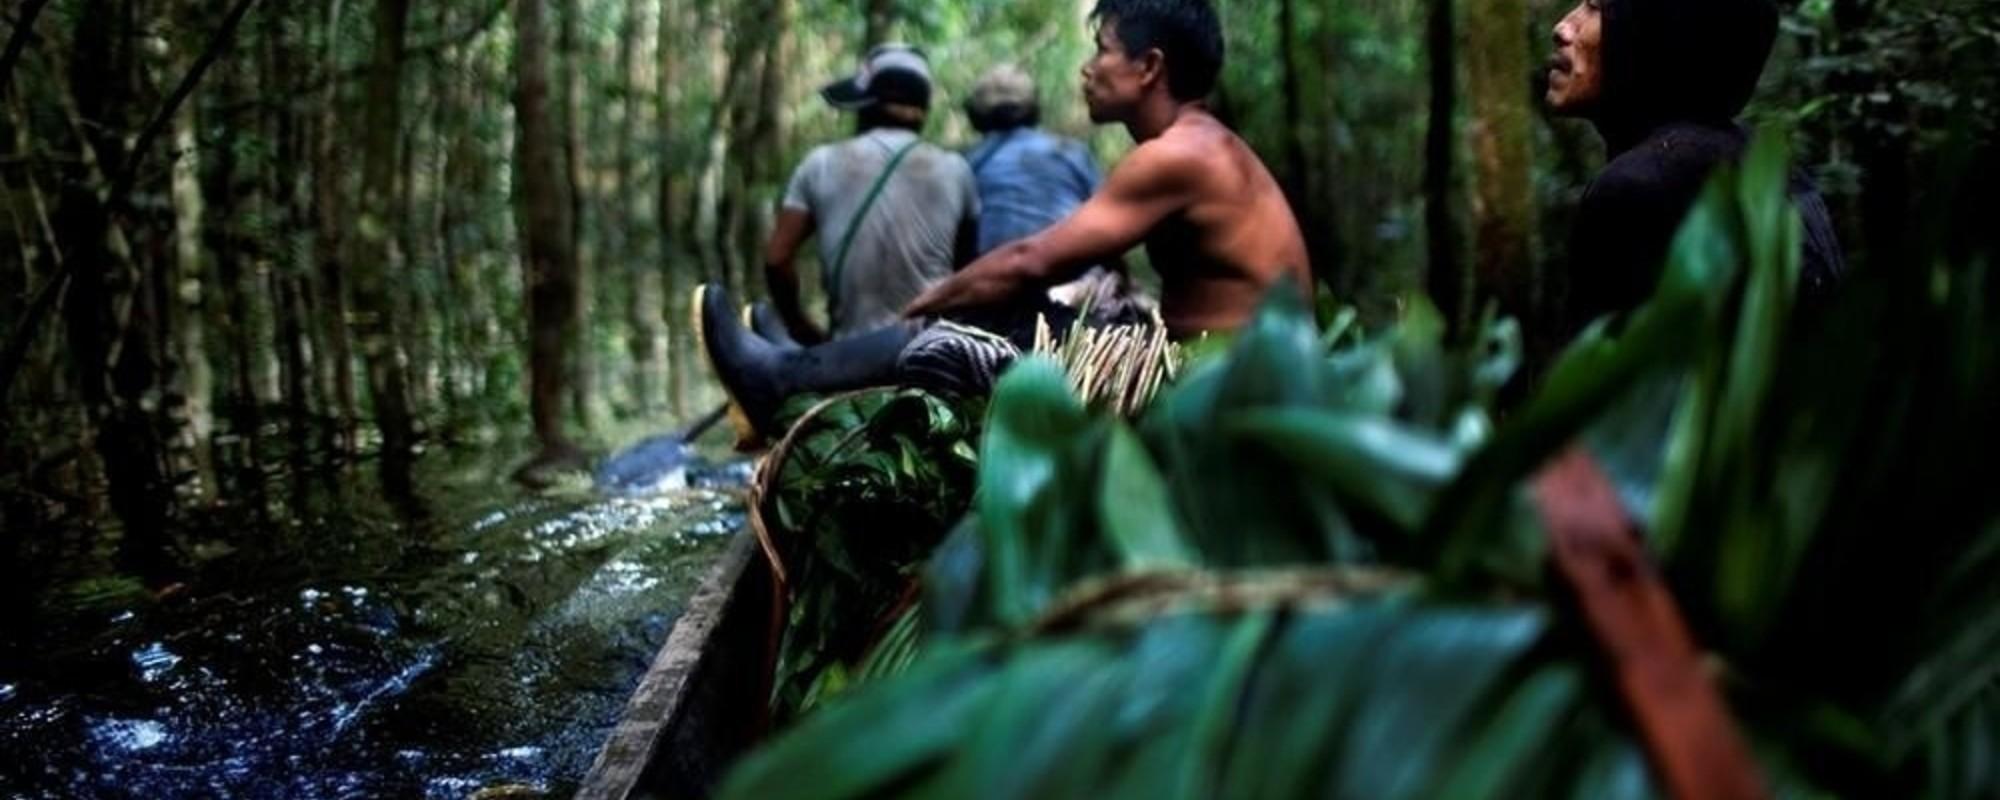 Fotografando a Jornada da Cocaína das Plantações Até as Narinas do Mundo